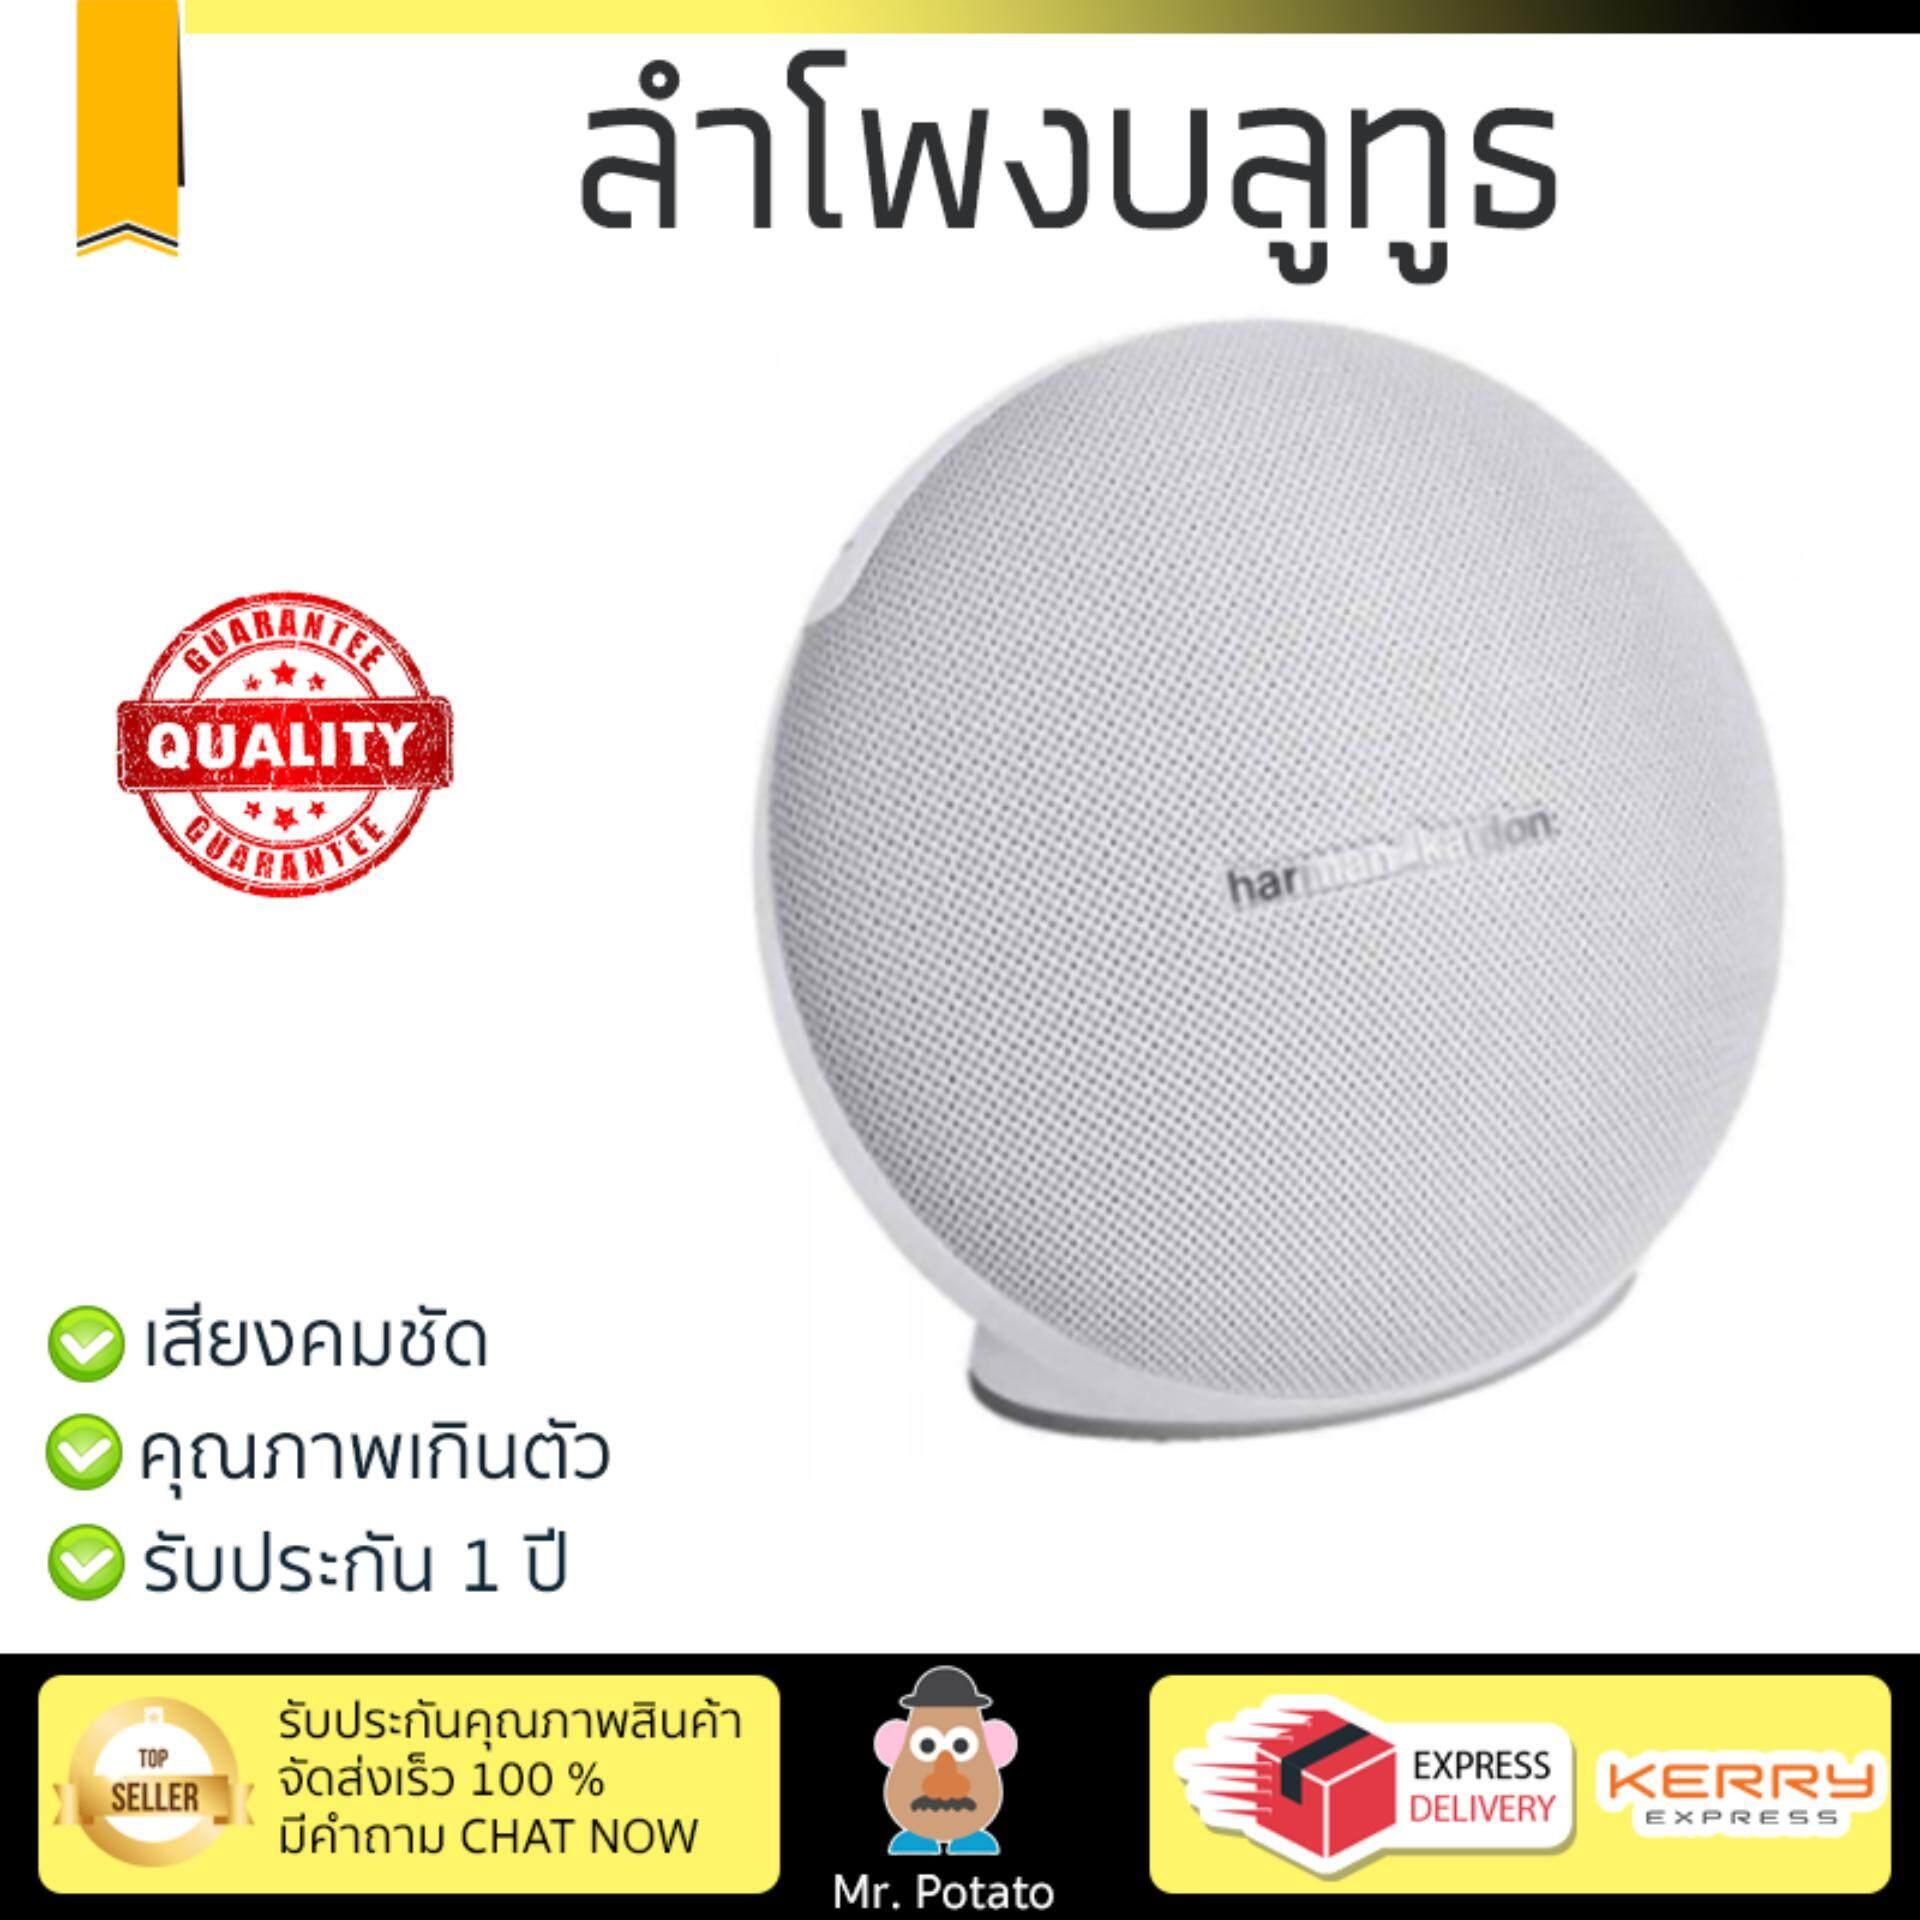 ยี่ห้อไหนดี  ศรีสะเกษ จัดส่งฟรี ลำโพงบลูทูธ  Harman Kardon Bluetooth Speaker 2.1 Onyx Mini White เสียงใส คุณภาพเกินตัว Wireless Bluetooth Speaker รับประกัน 1 ปี